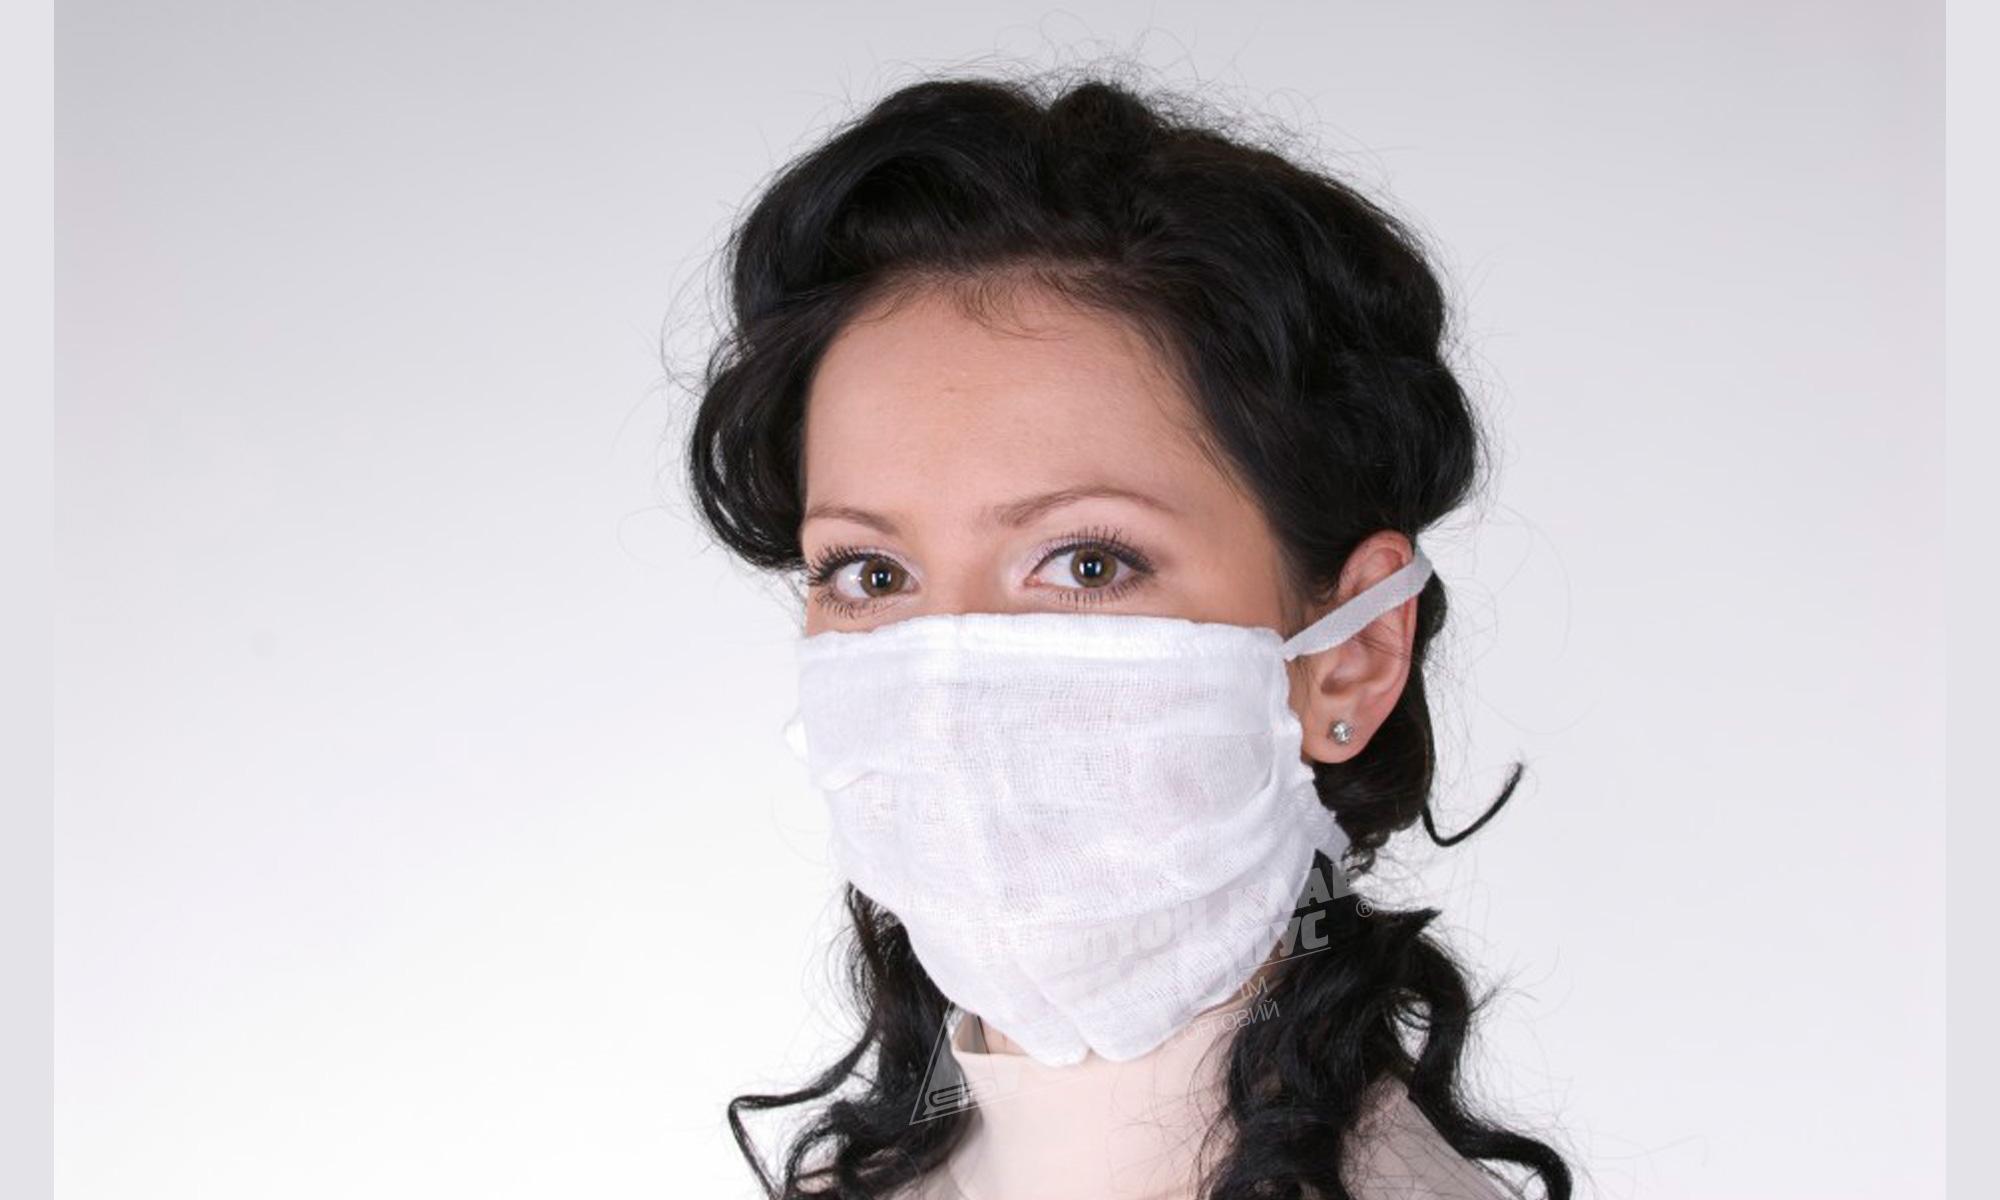 Підприємства Укроборонпрому вироблятимуть медичні маски та дезінфікуючі розчини - коронавірус - 18 maska